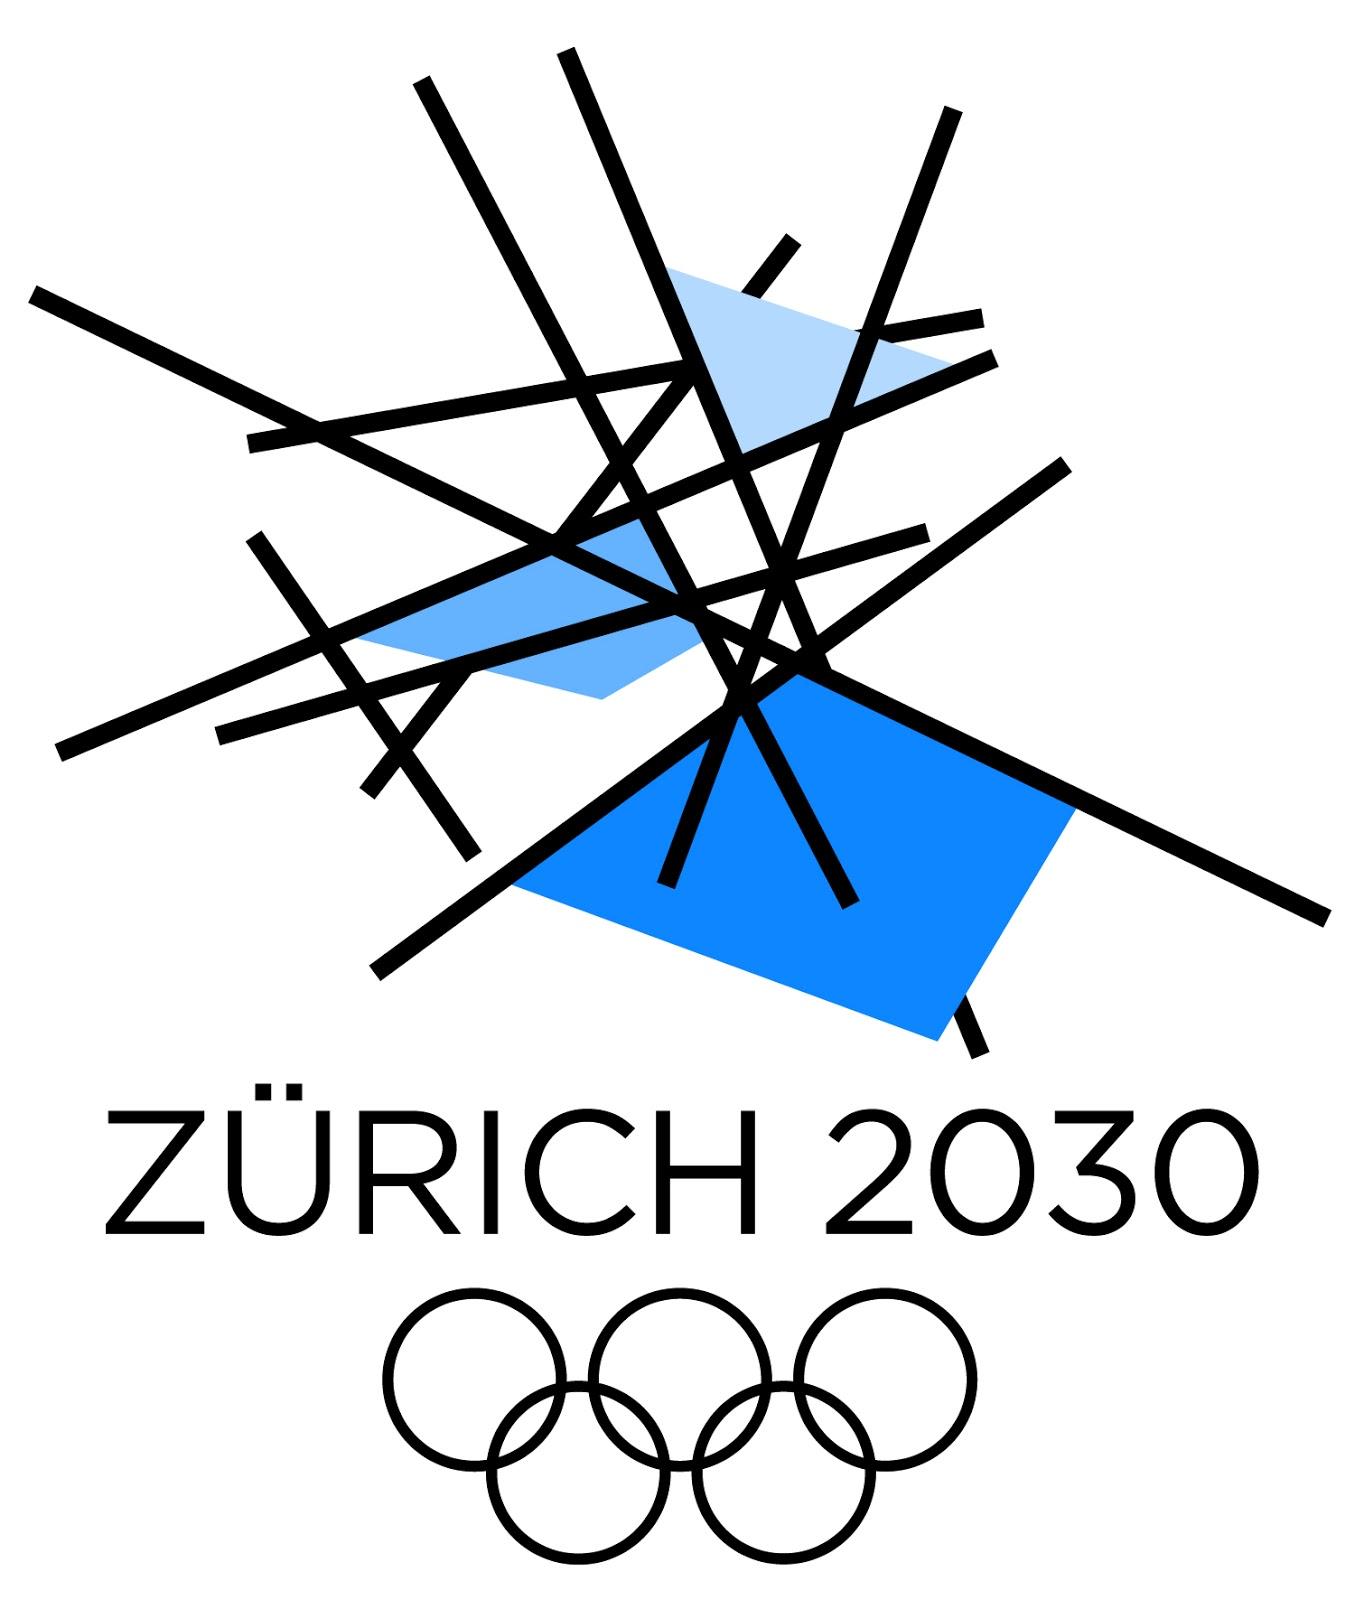 zurich-2032-paul.jpg